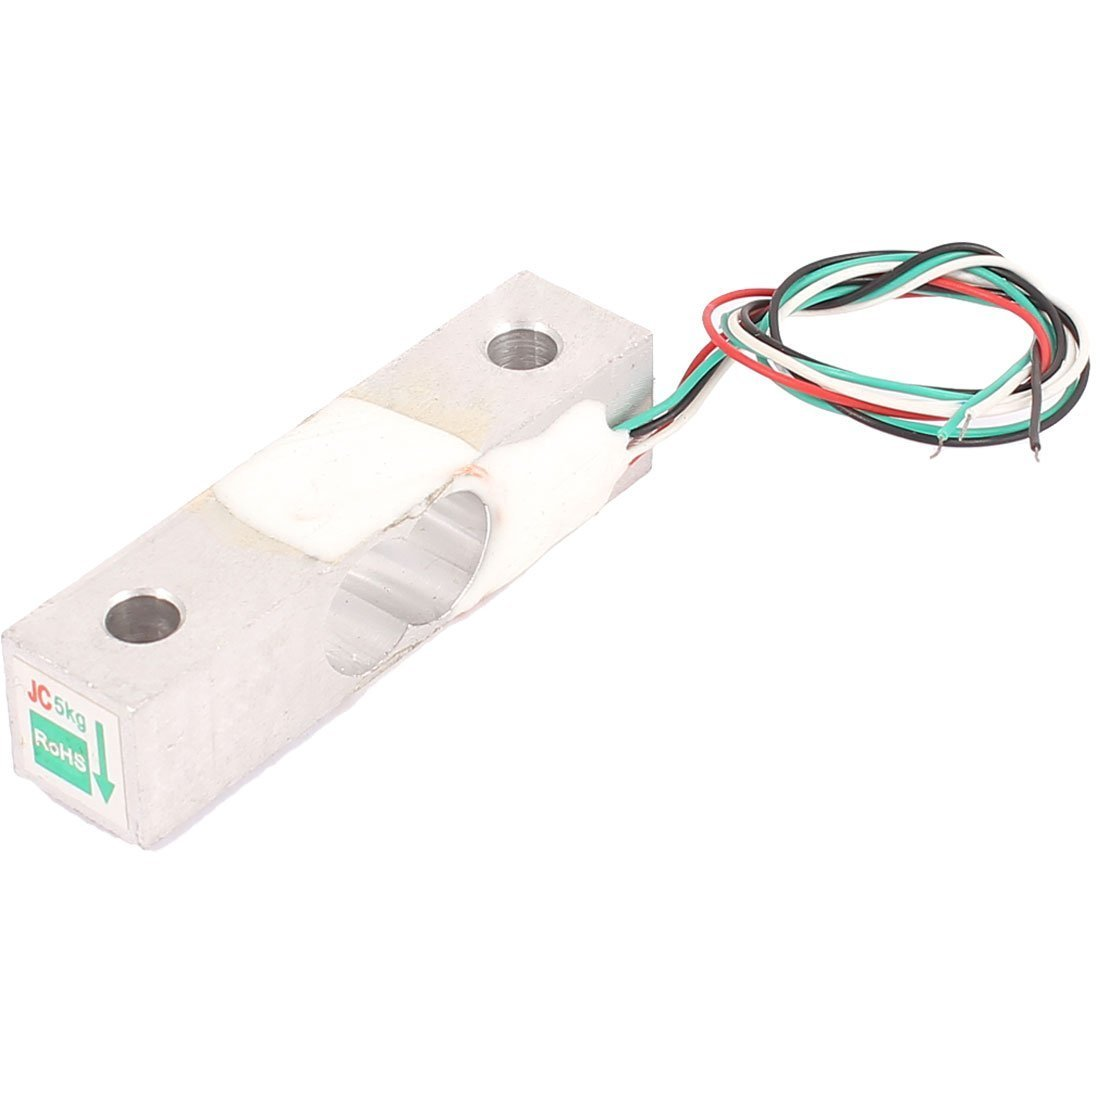 Amazon.com: eDealMax aleación de aluminio de cocina Escala DE 5 kg de peso Sensor de pesaje de la celda de carga: Industrial & Scientific